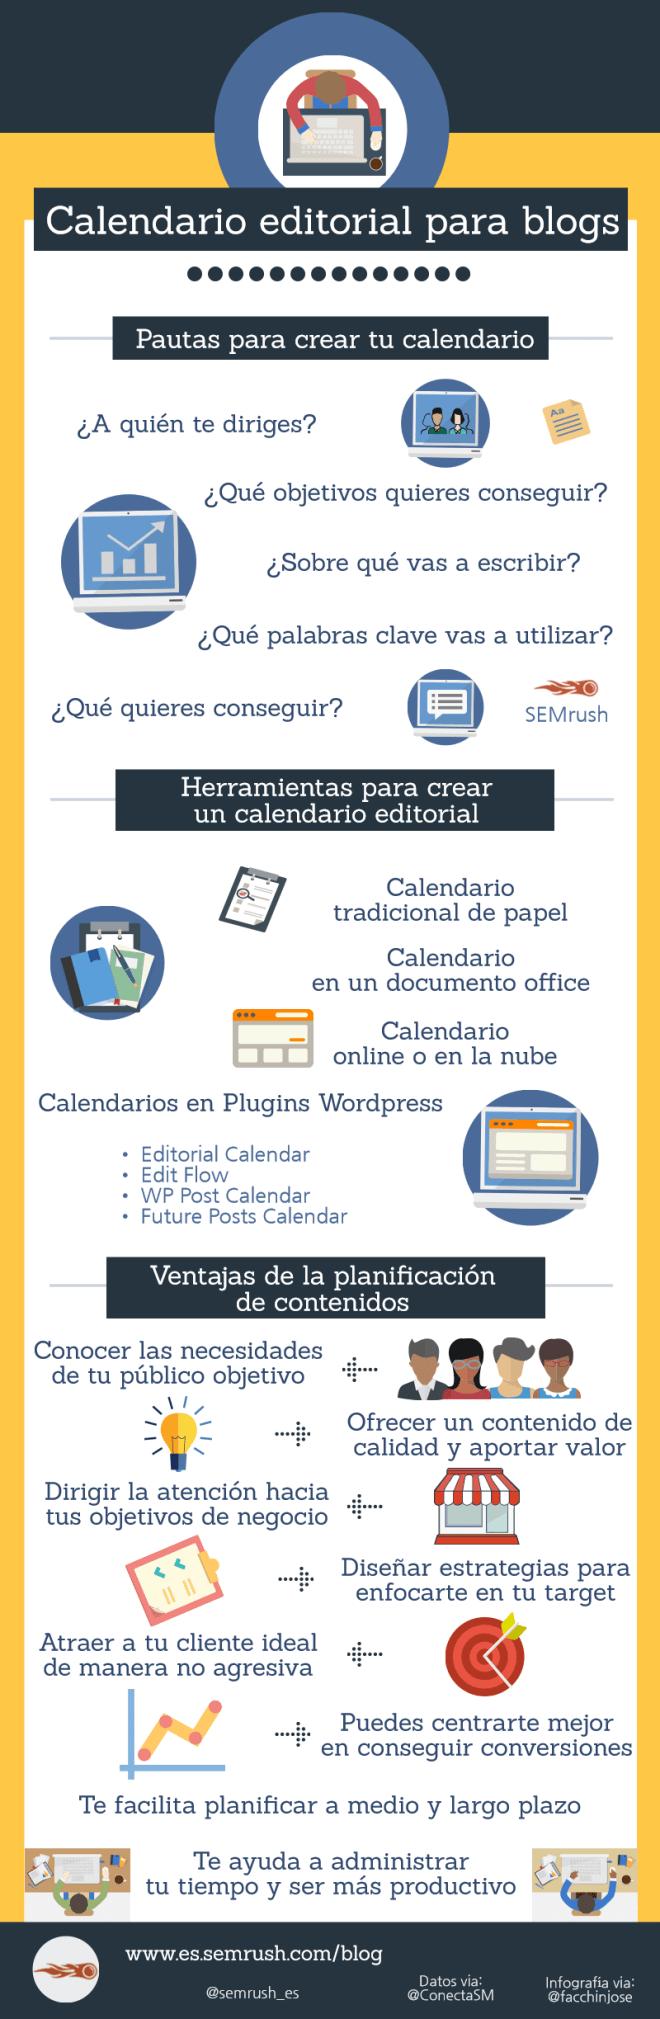 Calendario editorial para Blogs